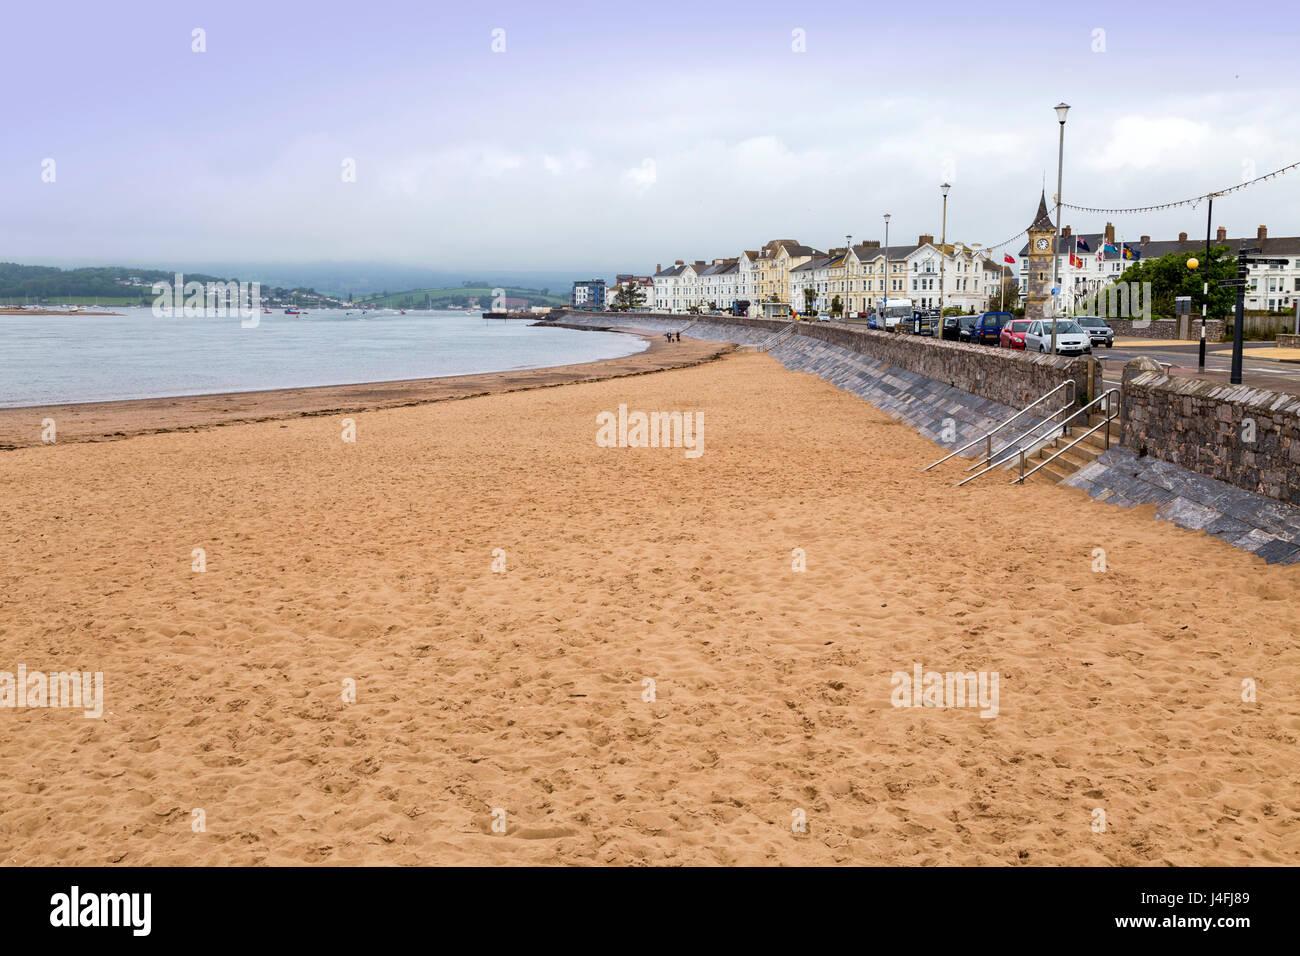 Una playa en Exmouth, que permite el acceso de perros a lo largo de cada día del año. Imagen De Stock